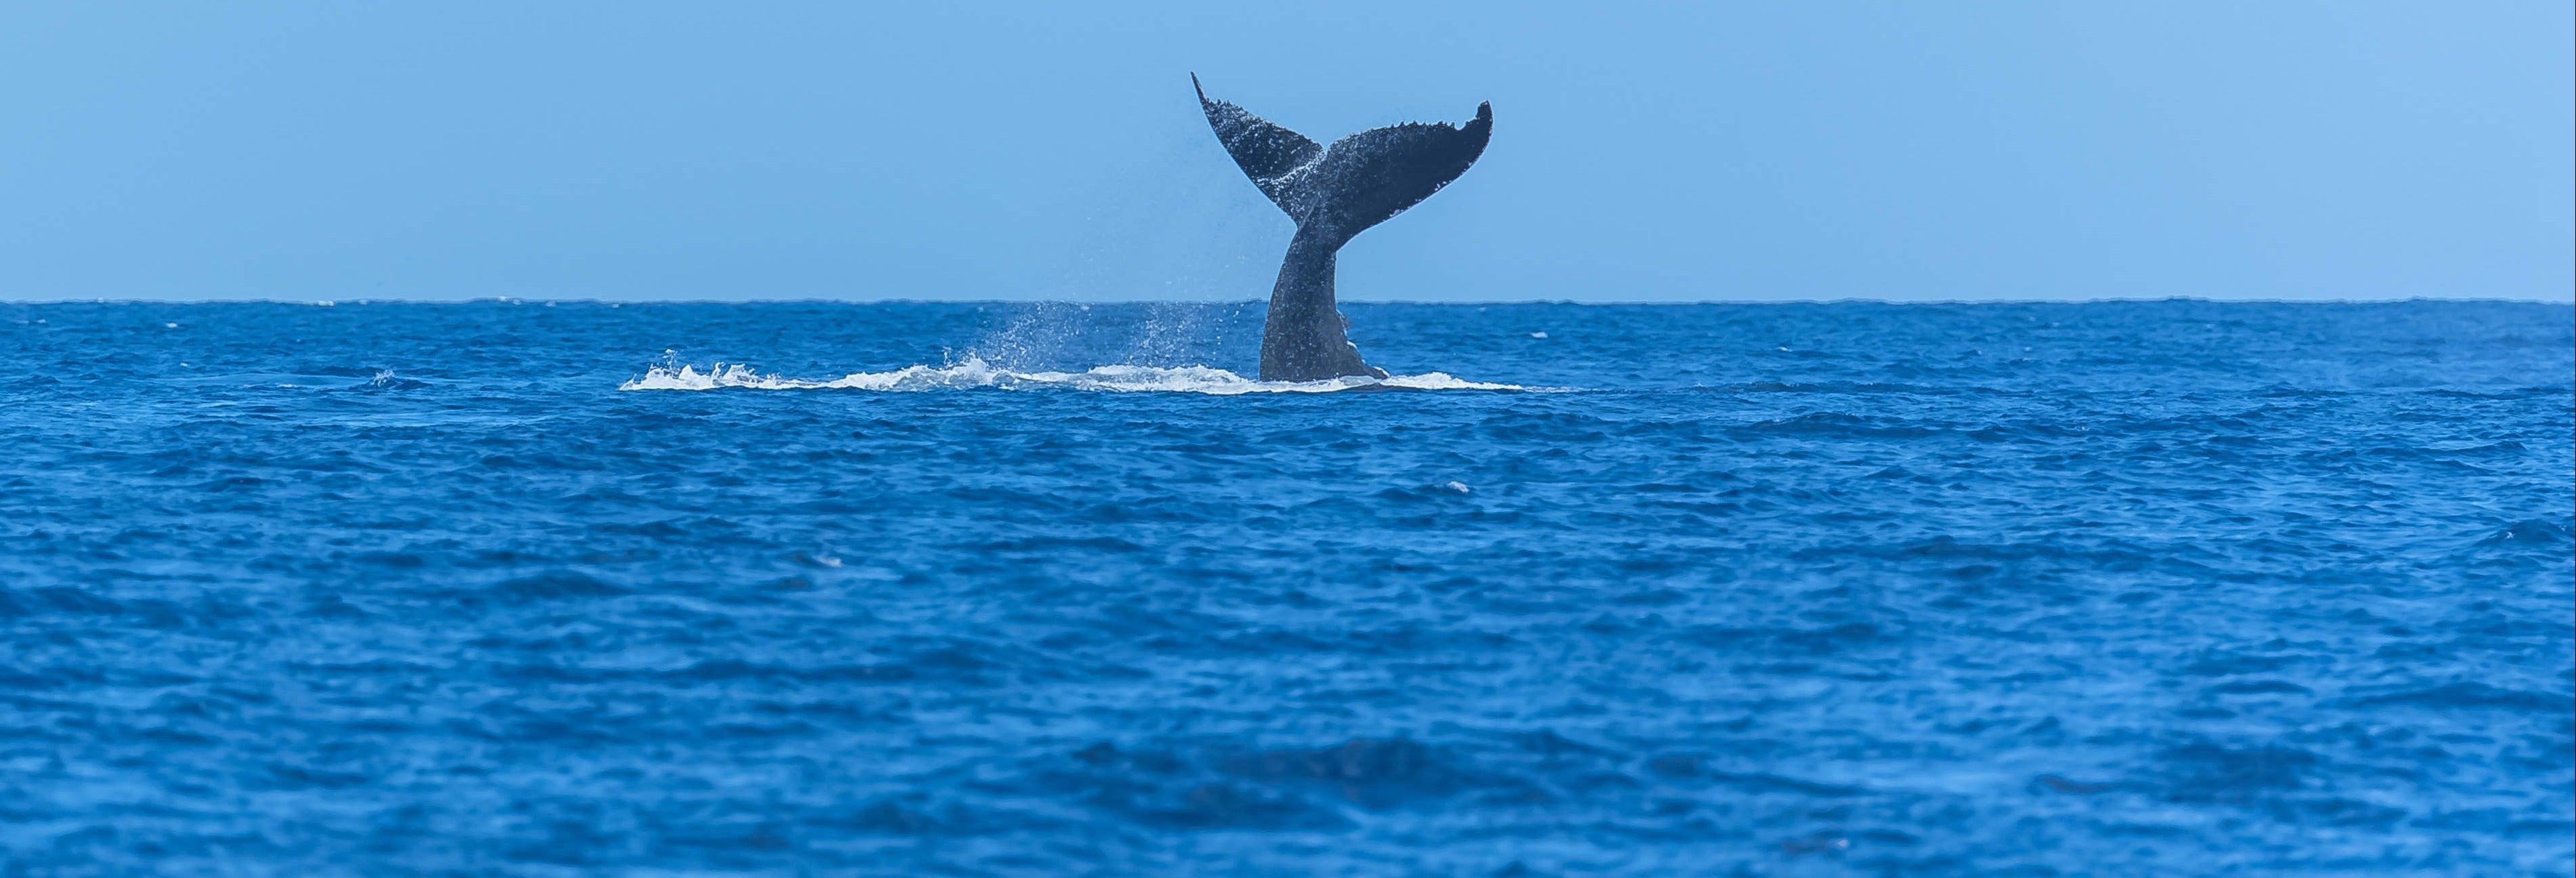 Avistamiento de cetáceos en San Diego